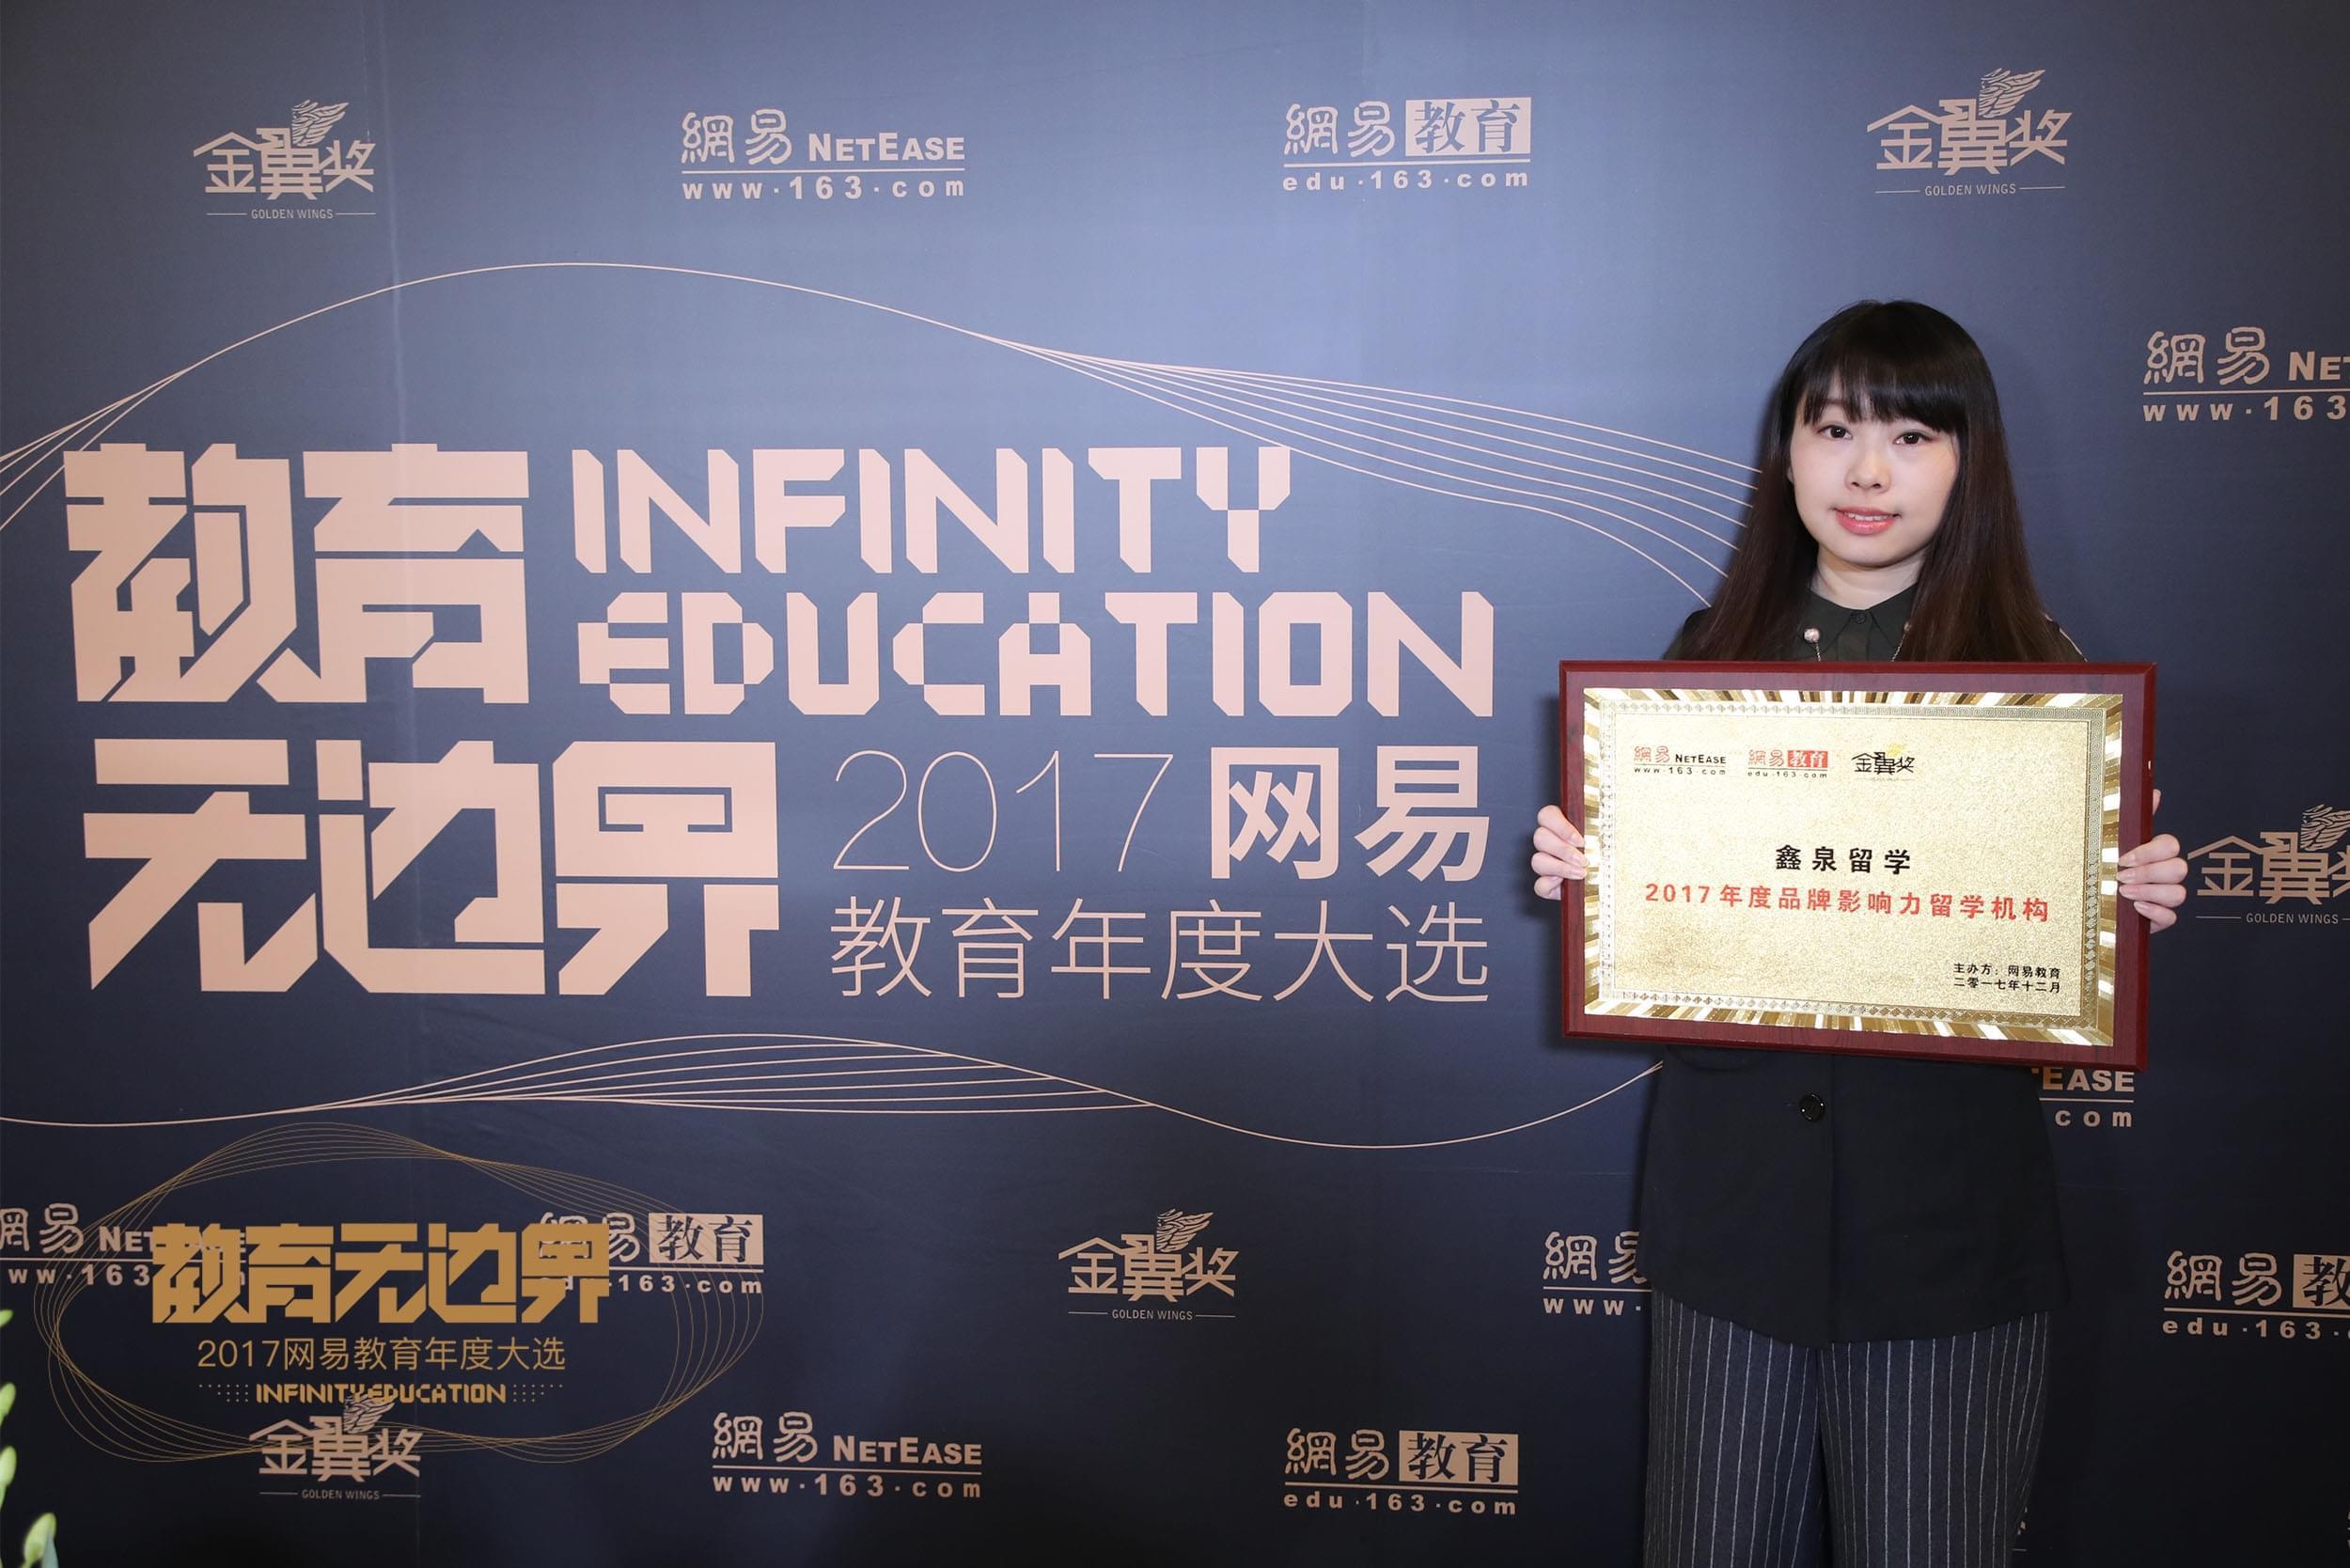 鑫泉留学市场部阎露:成功留学从职业规划开始